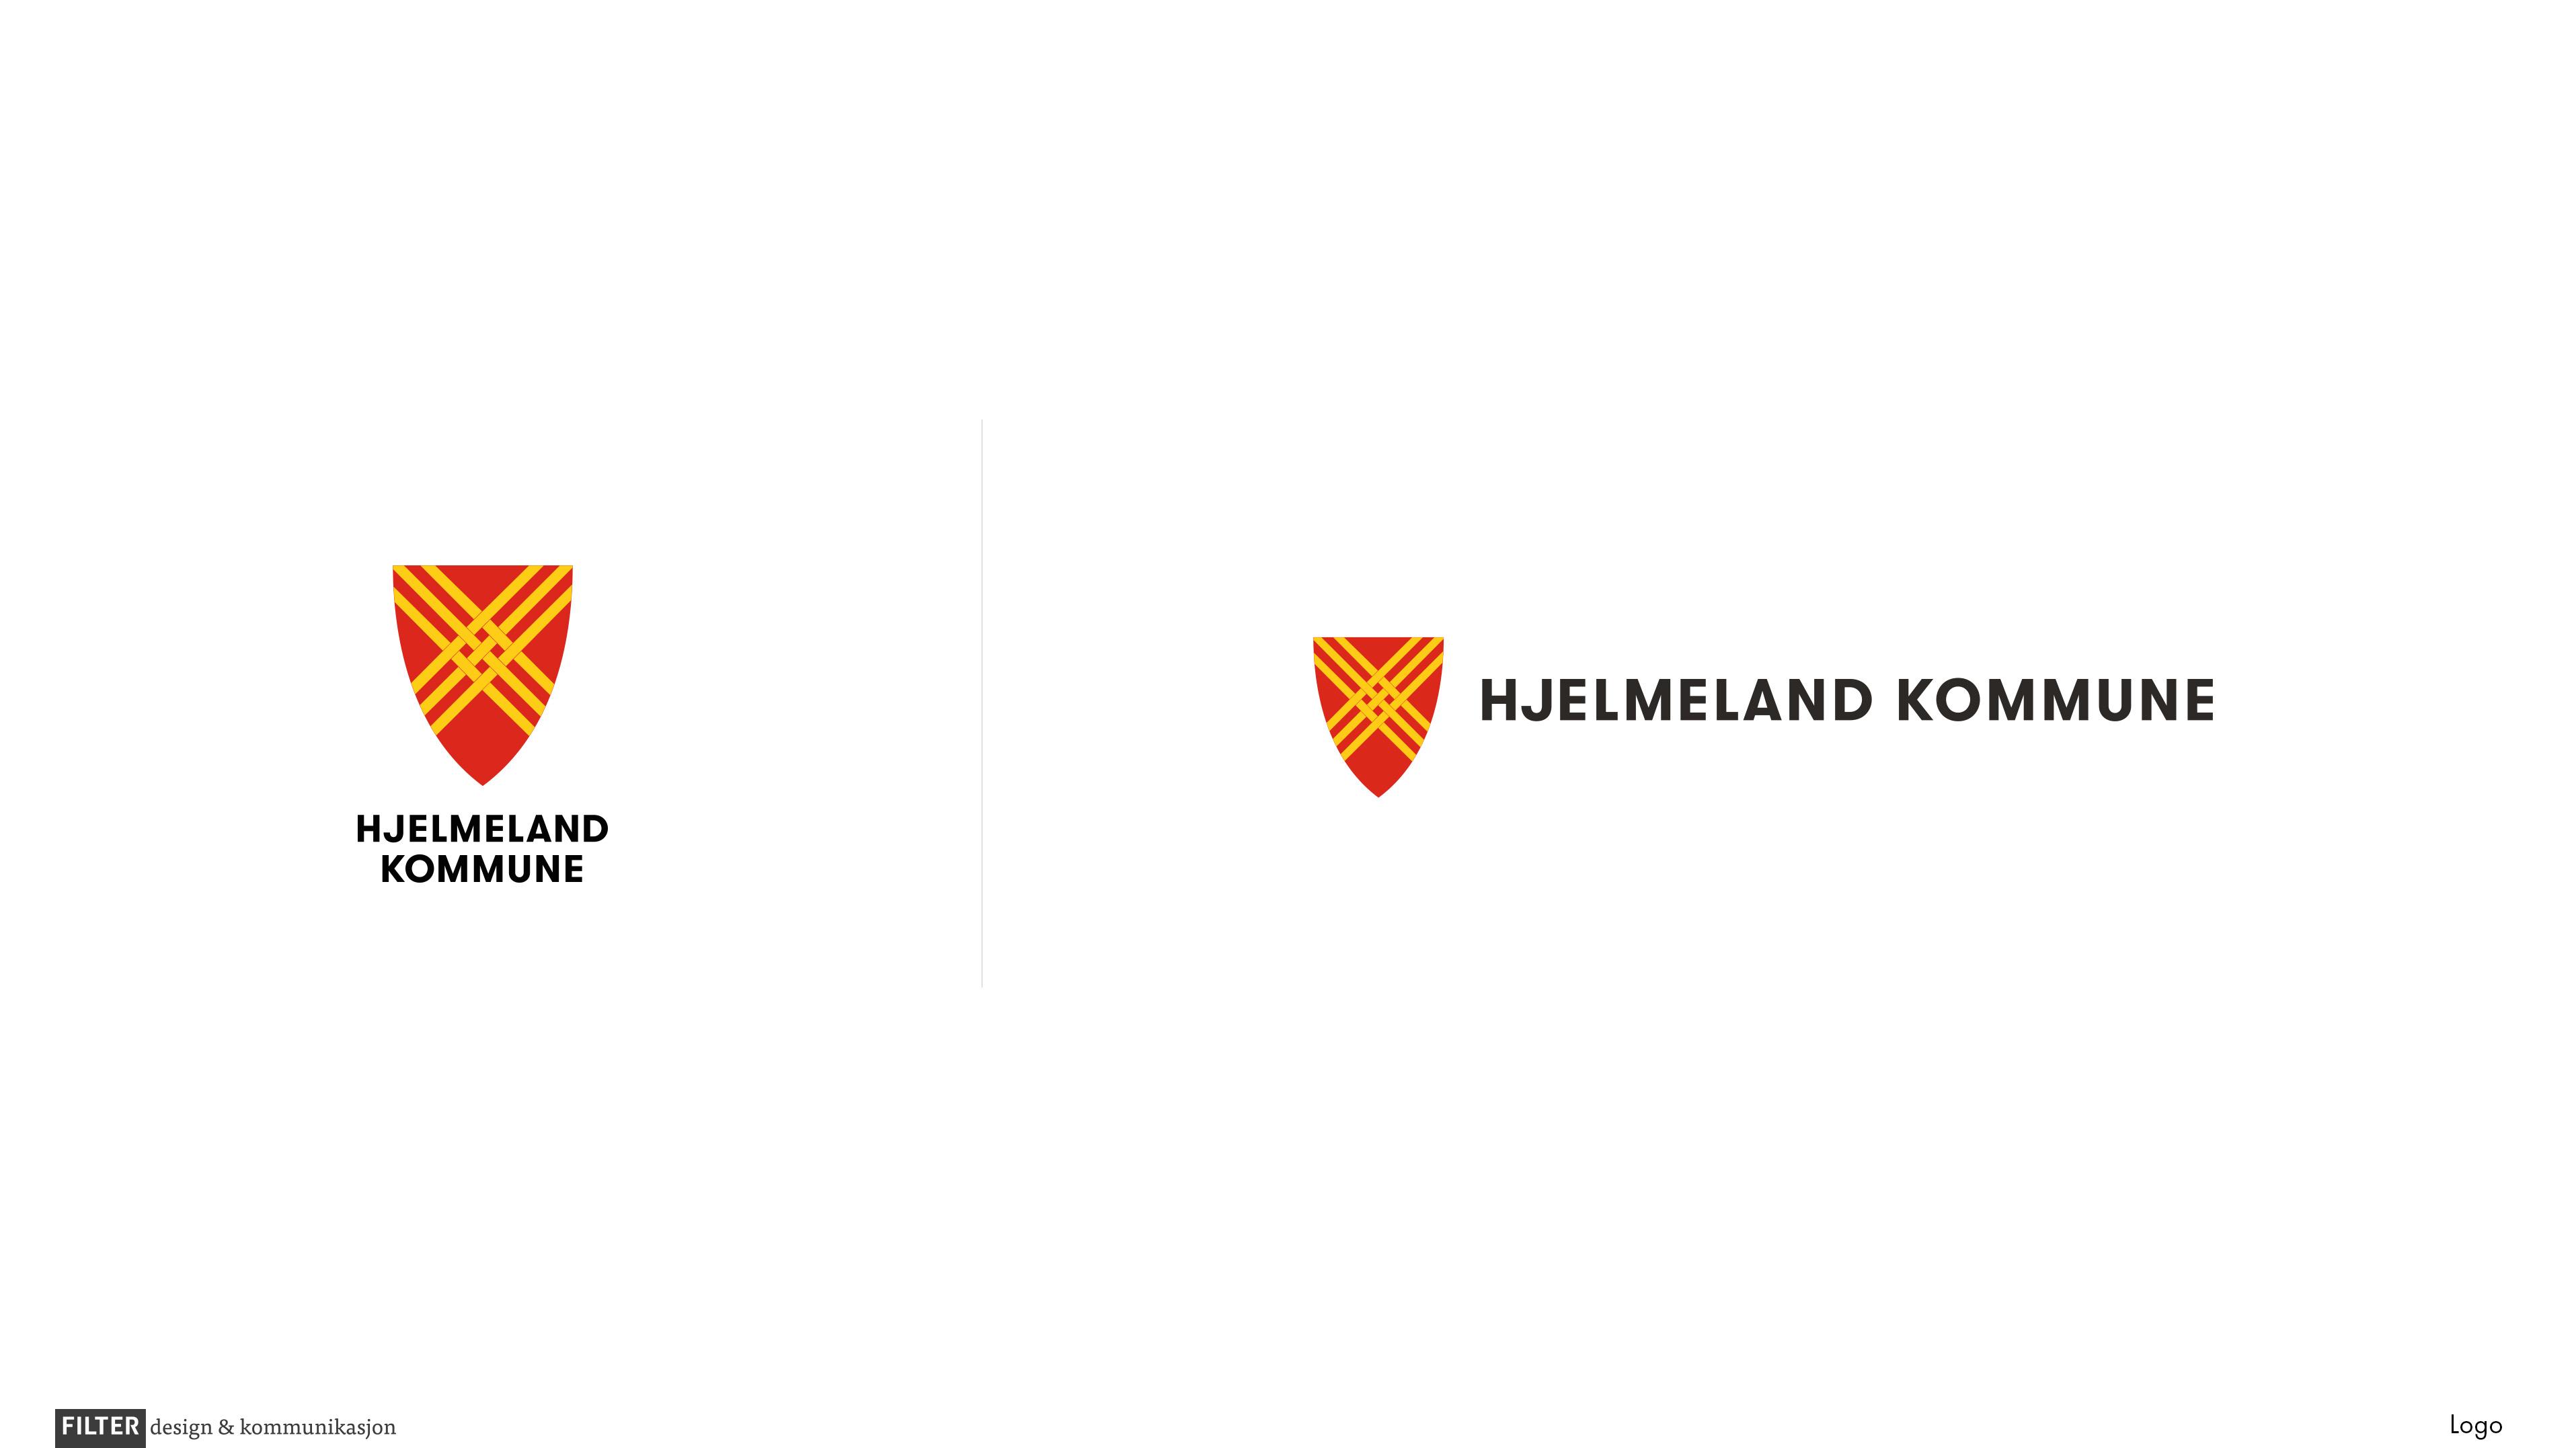 Hjelmeland kommune logo